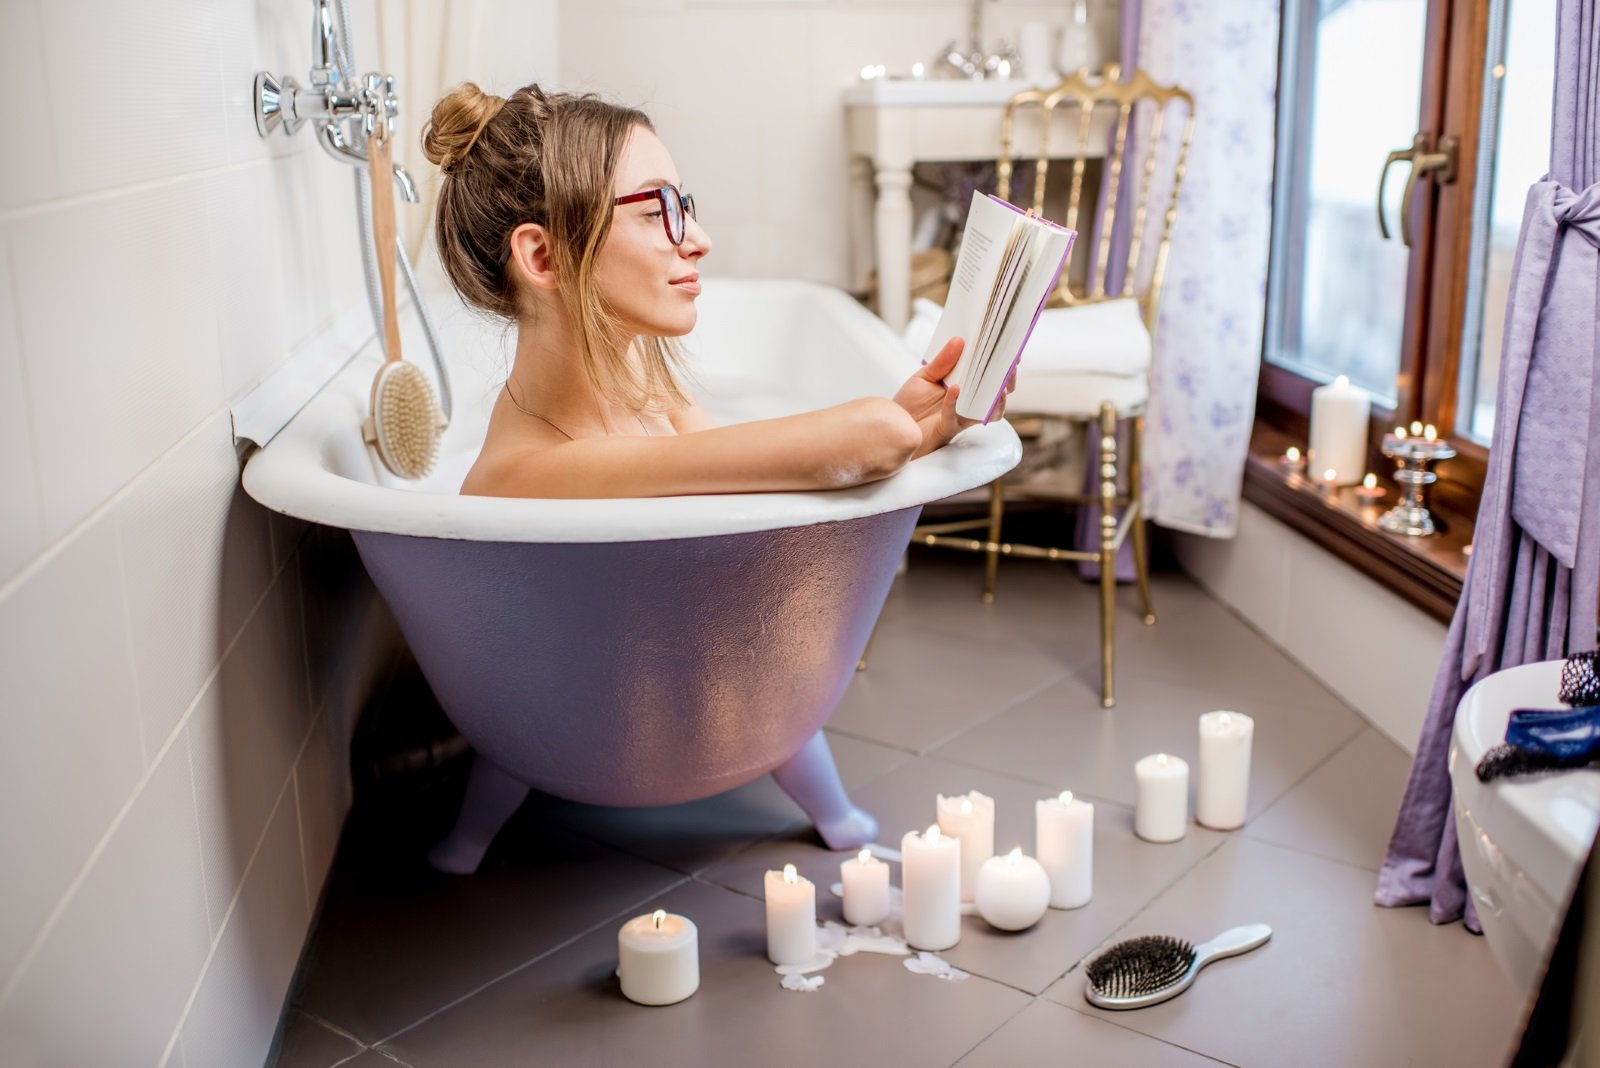 3. Студът навън предразполага за релаксация у дома. Гореща, отпускаща вана с книга в ръка и ароматни свещи.